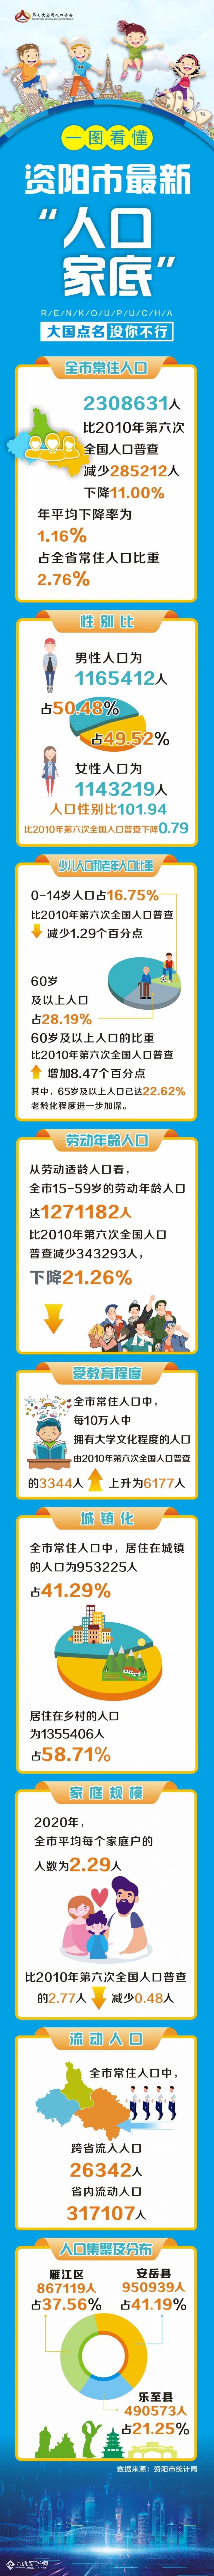 資陽市第七次全國人口普查數據來啦!全市常住人口為2308631人!